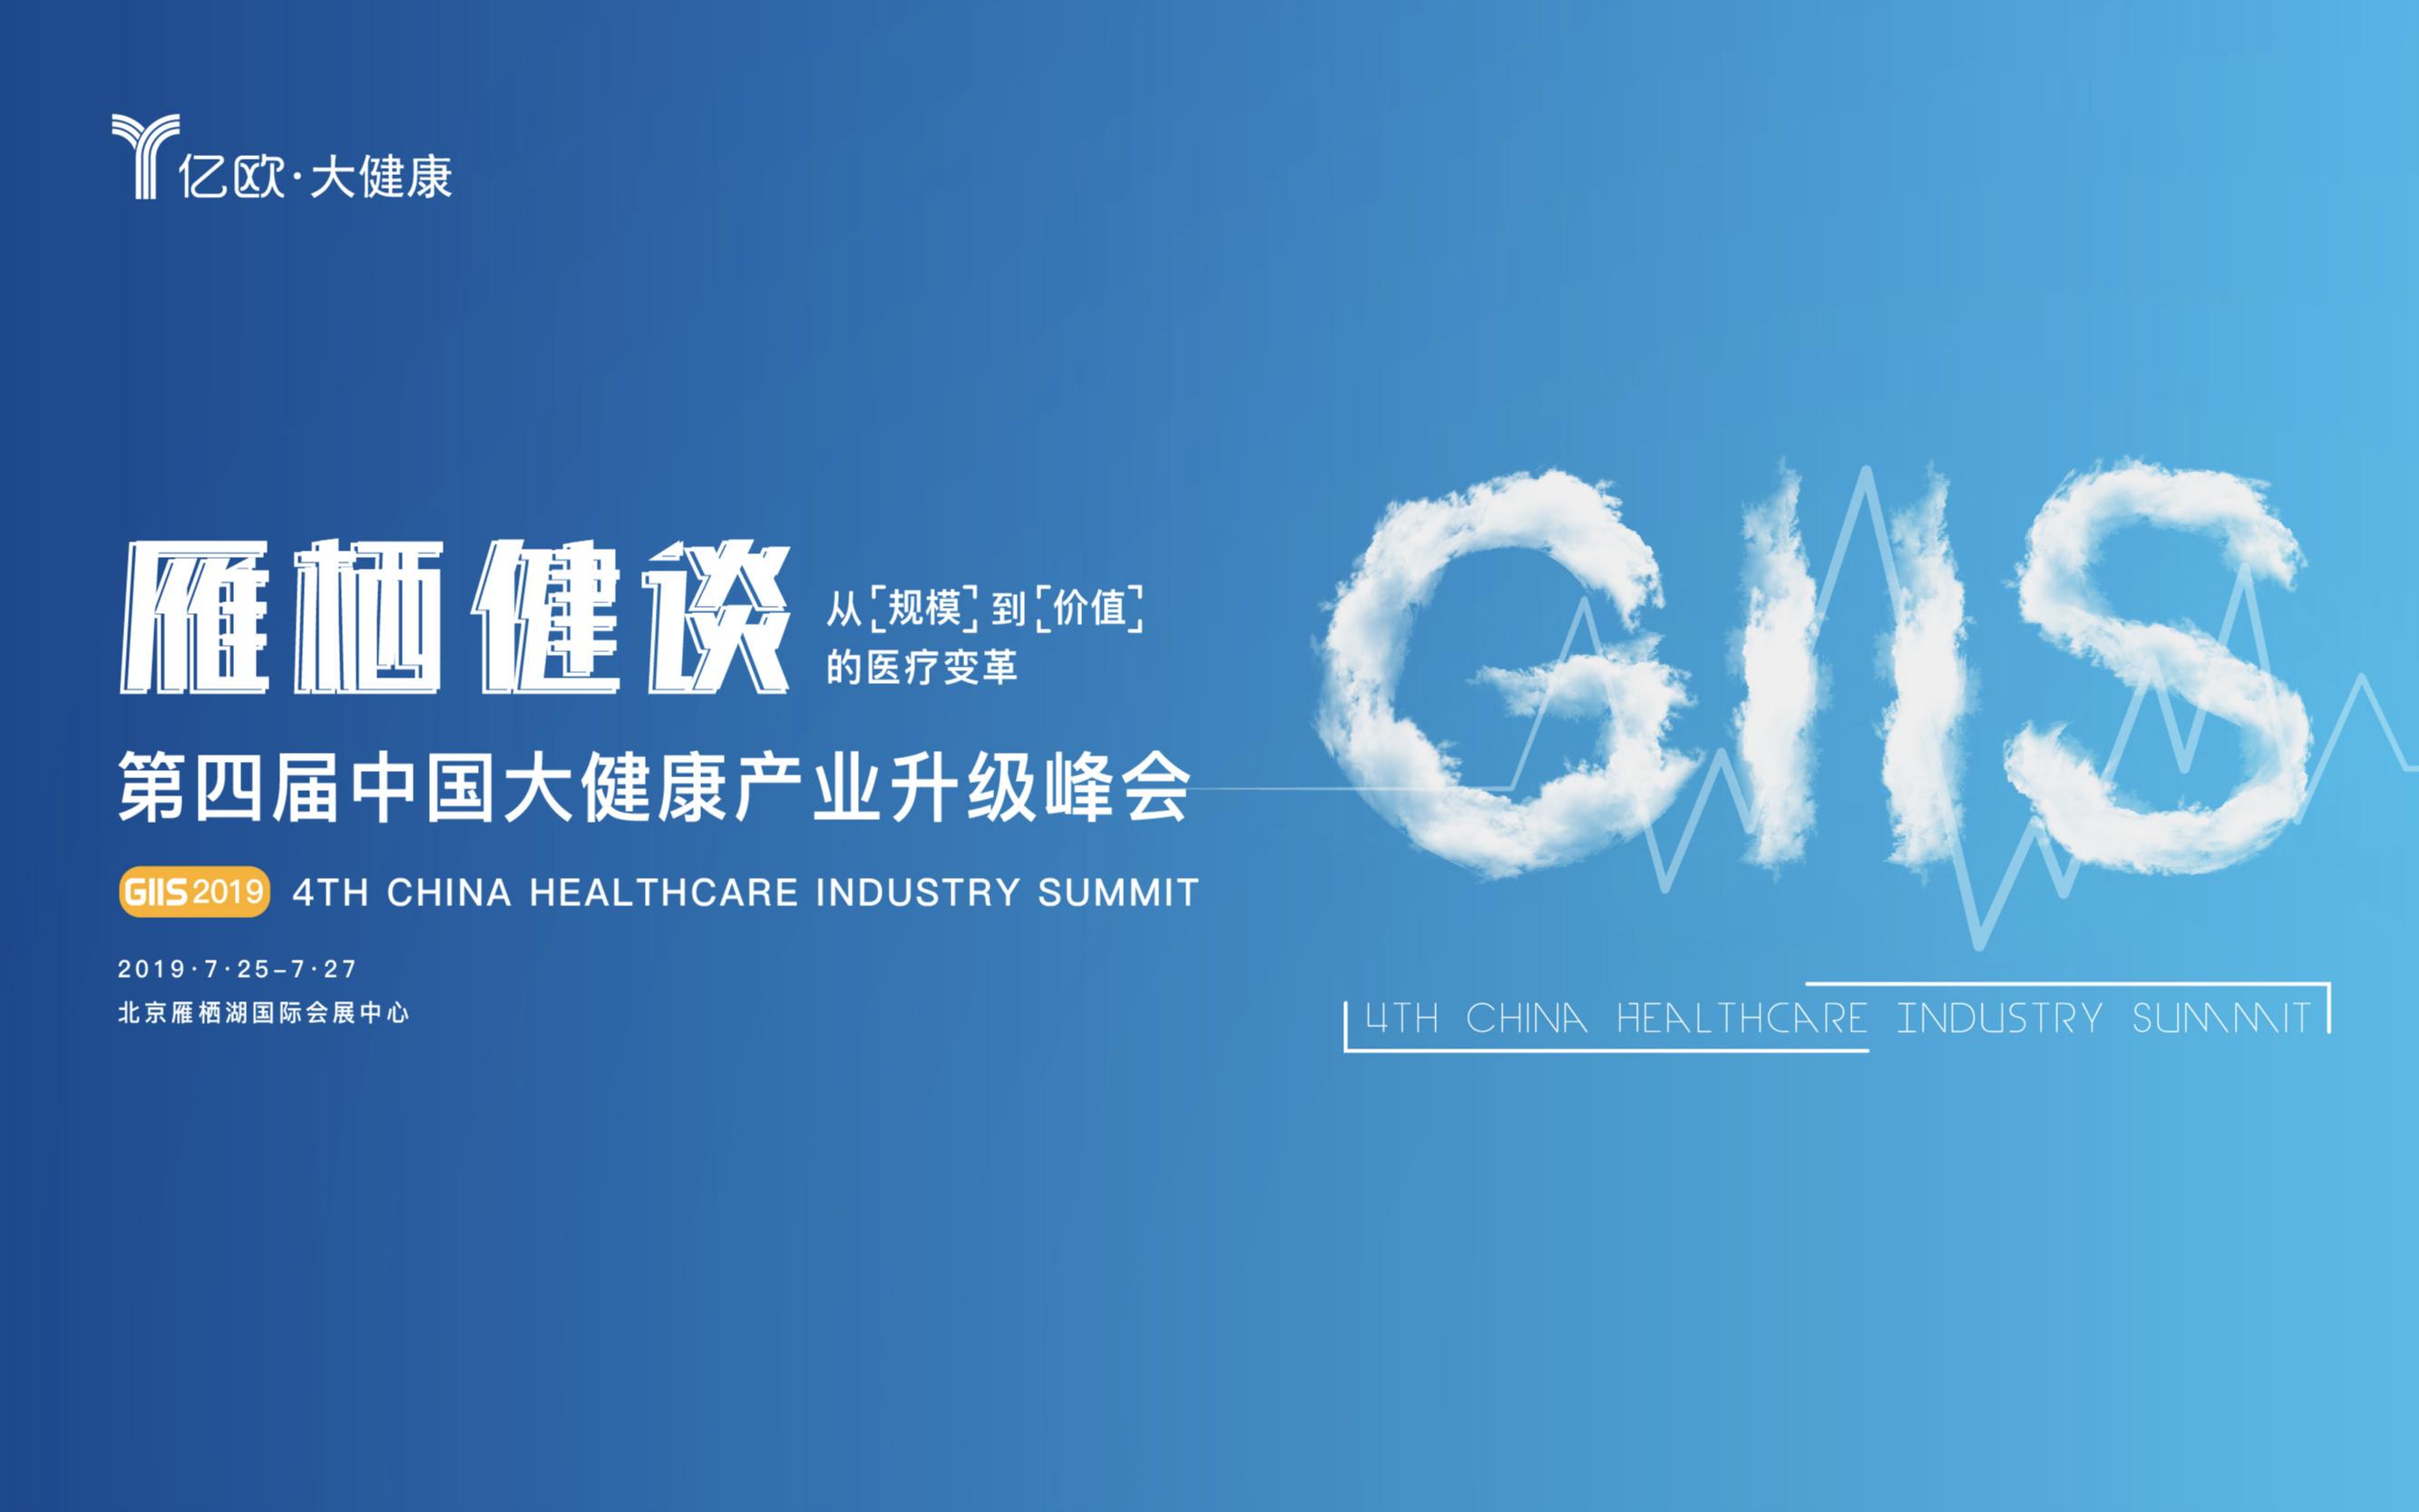 雁栖健谈 GIIS 2019第四届中国大健康产业升级峰会(北京)